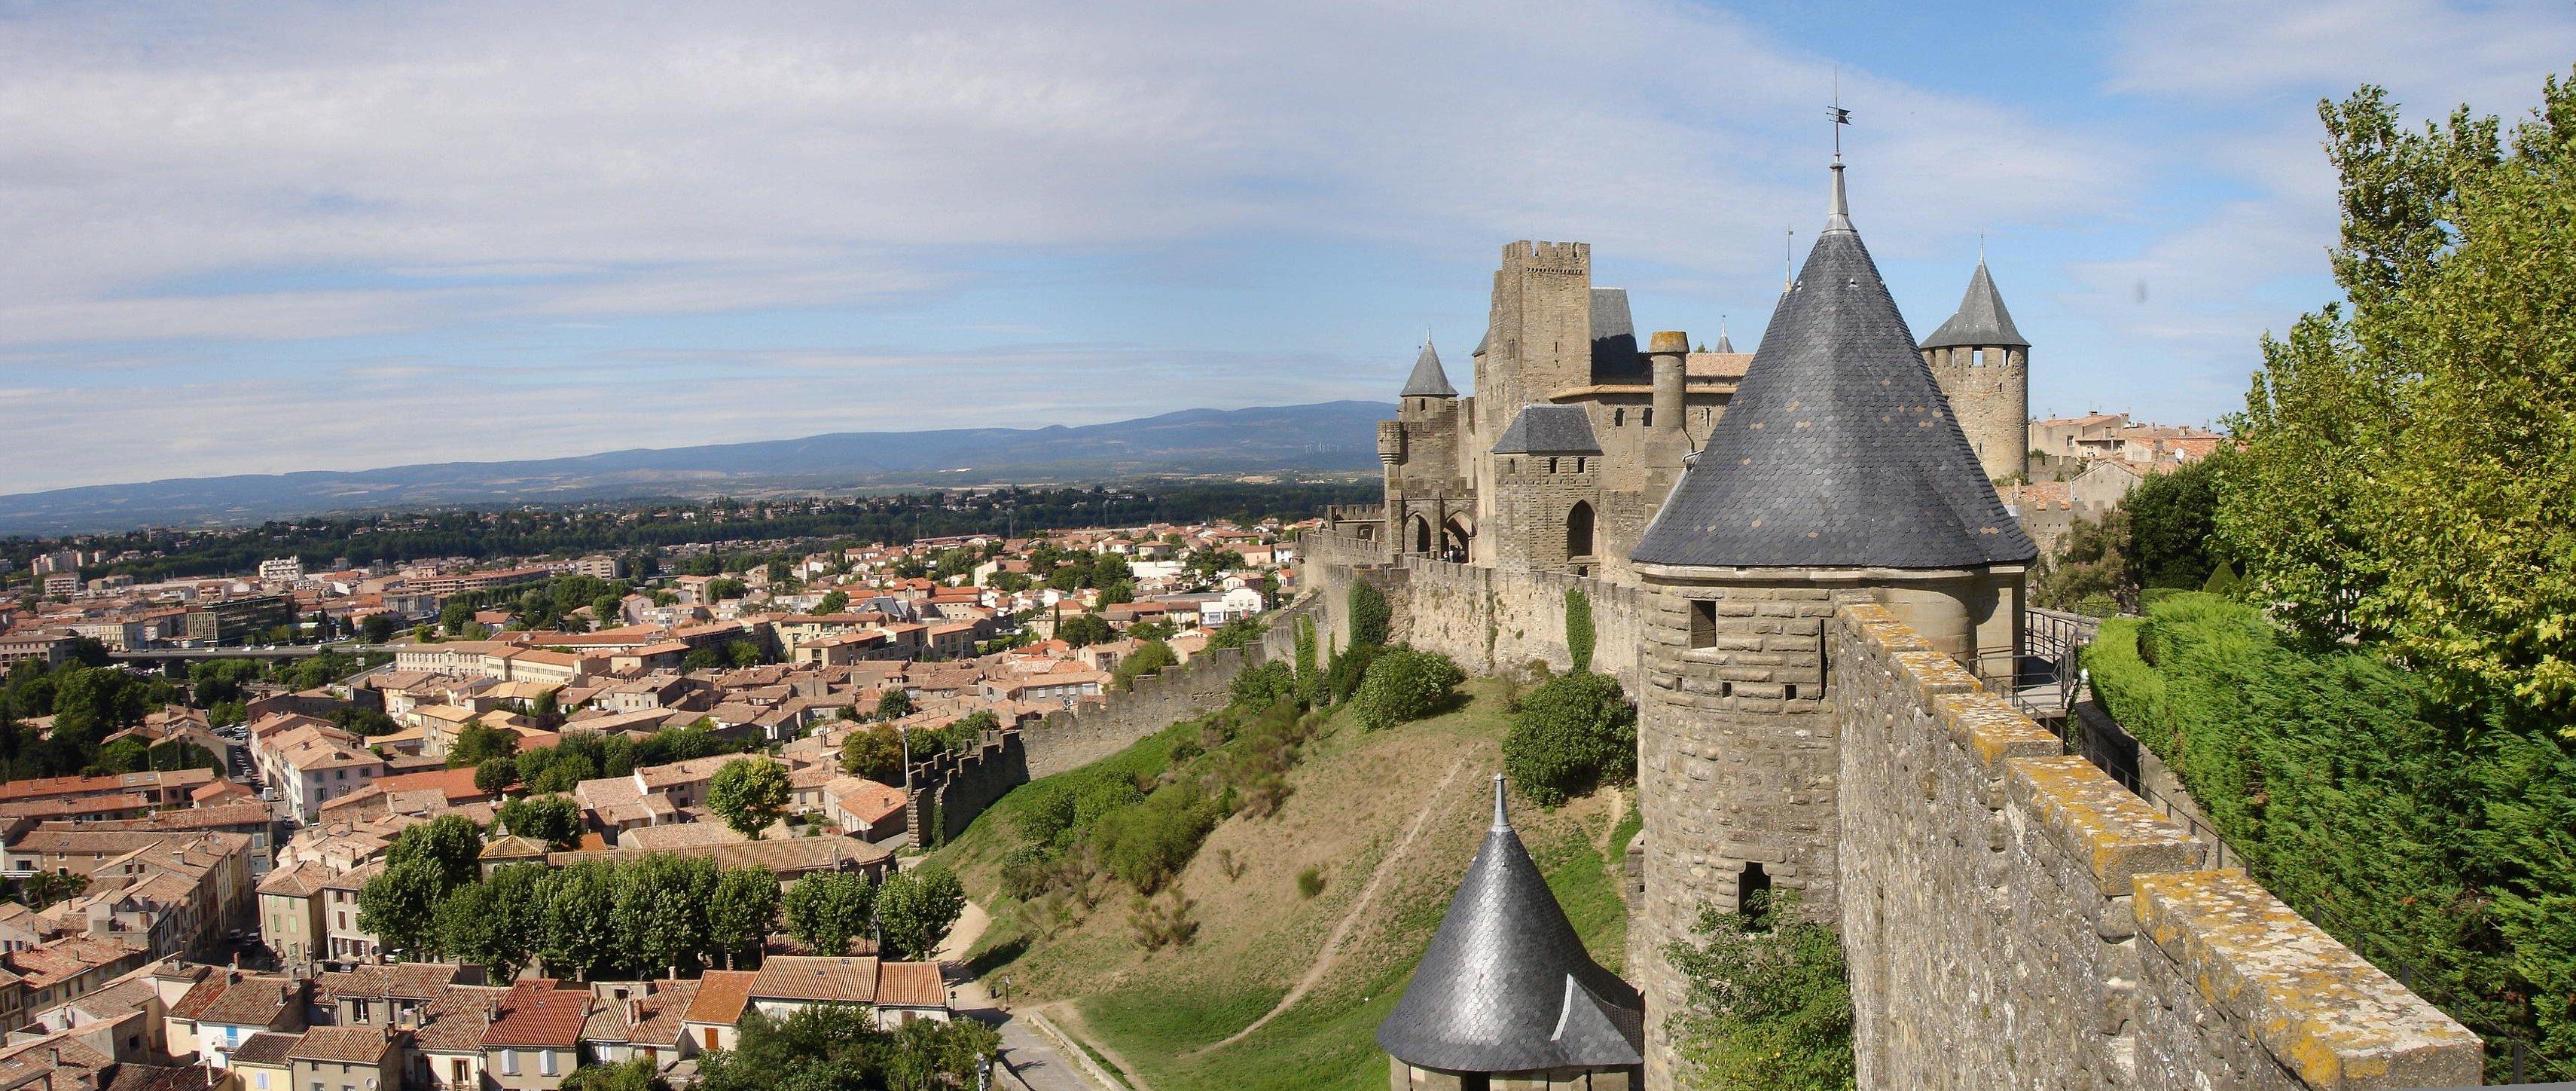 3420 x 1448 jpeg 1267kBCarcassonne